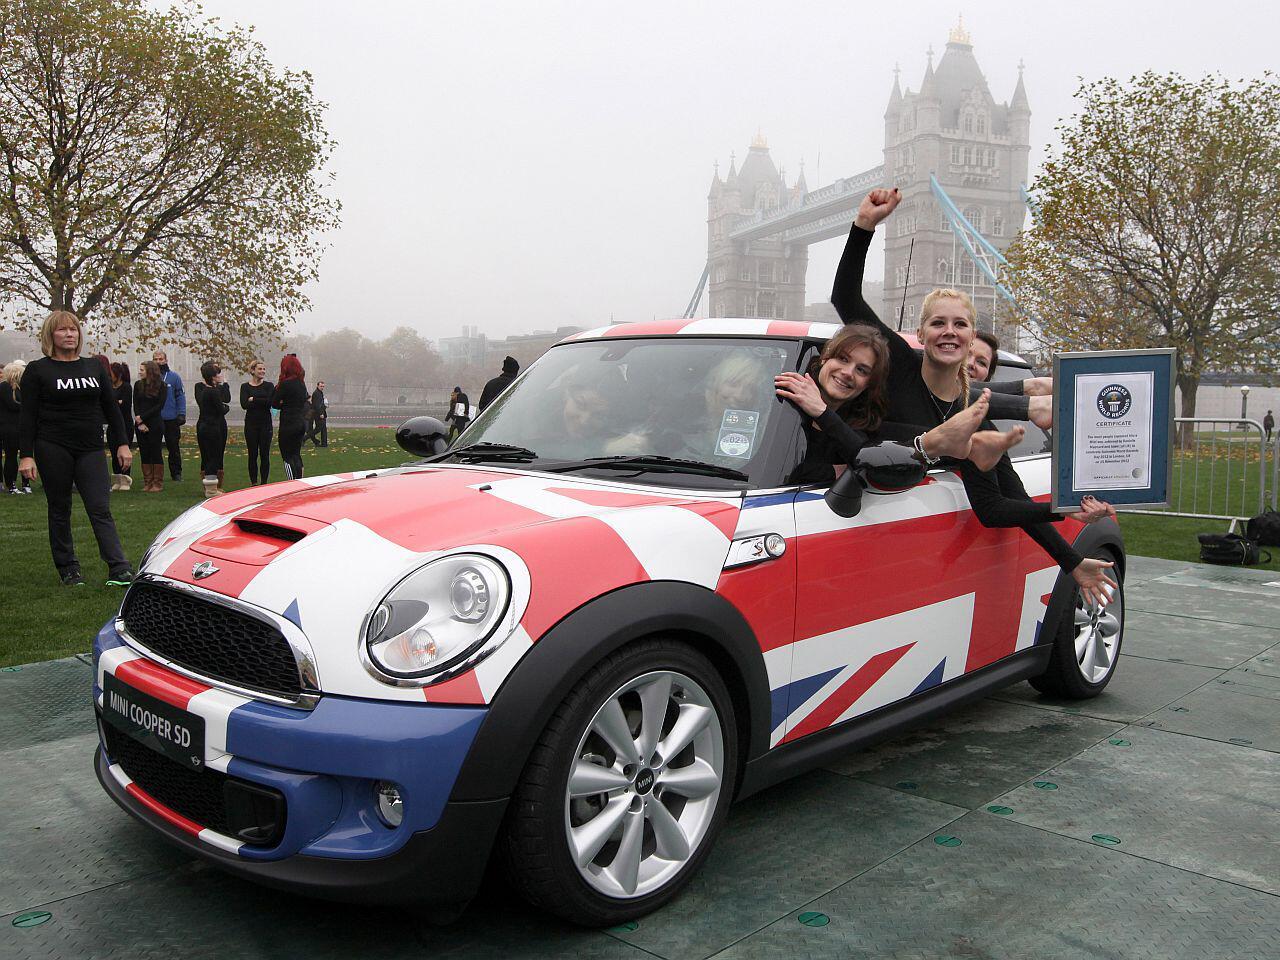 Bild zu Kurios: In diesen Mini-Cooper zwängten sich 28 britische Turnerinnen